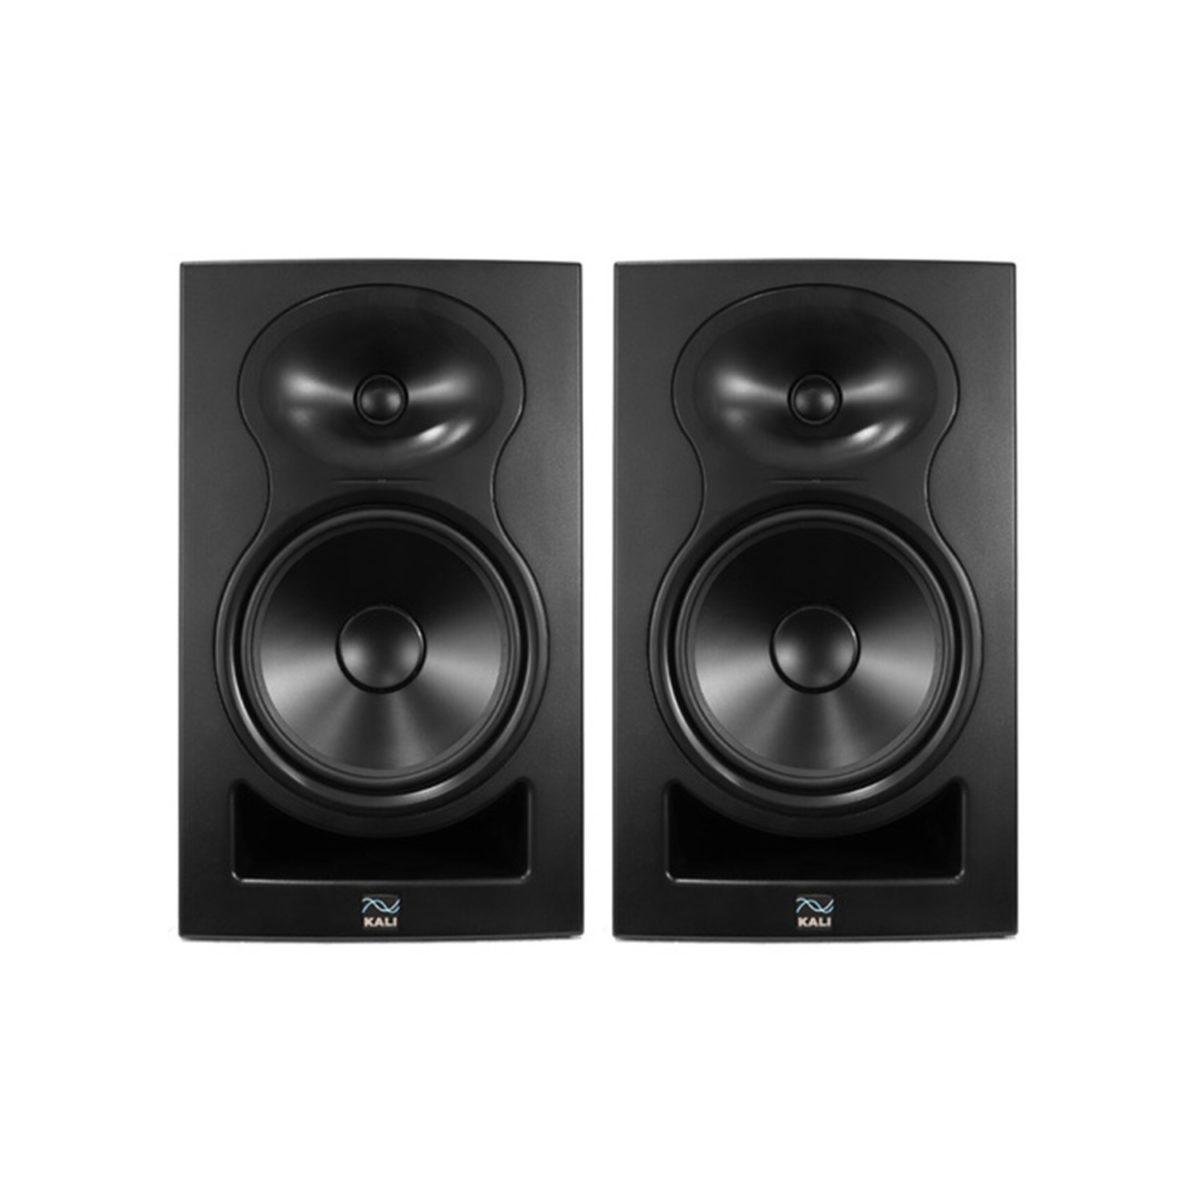 ลำโพงมอนิเตอร์ห้องอัด ยี่ห้อ Kali Audio รุ่น LP-6 Powered